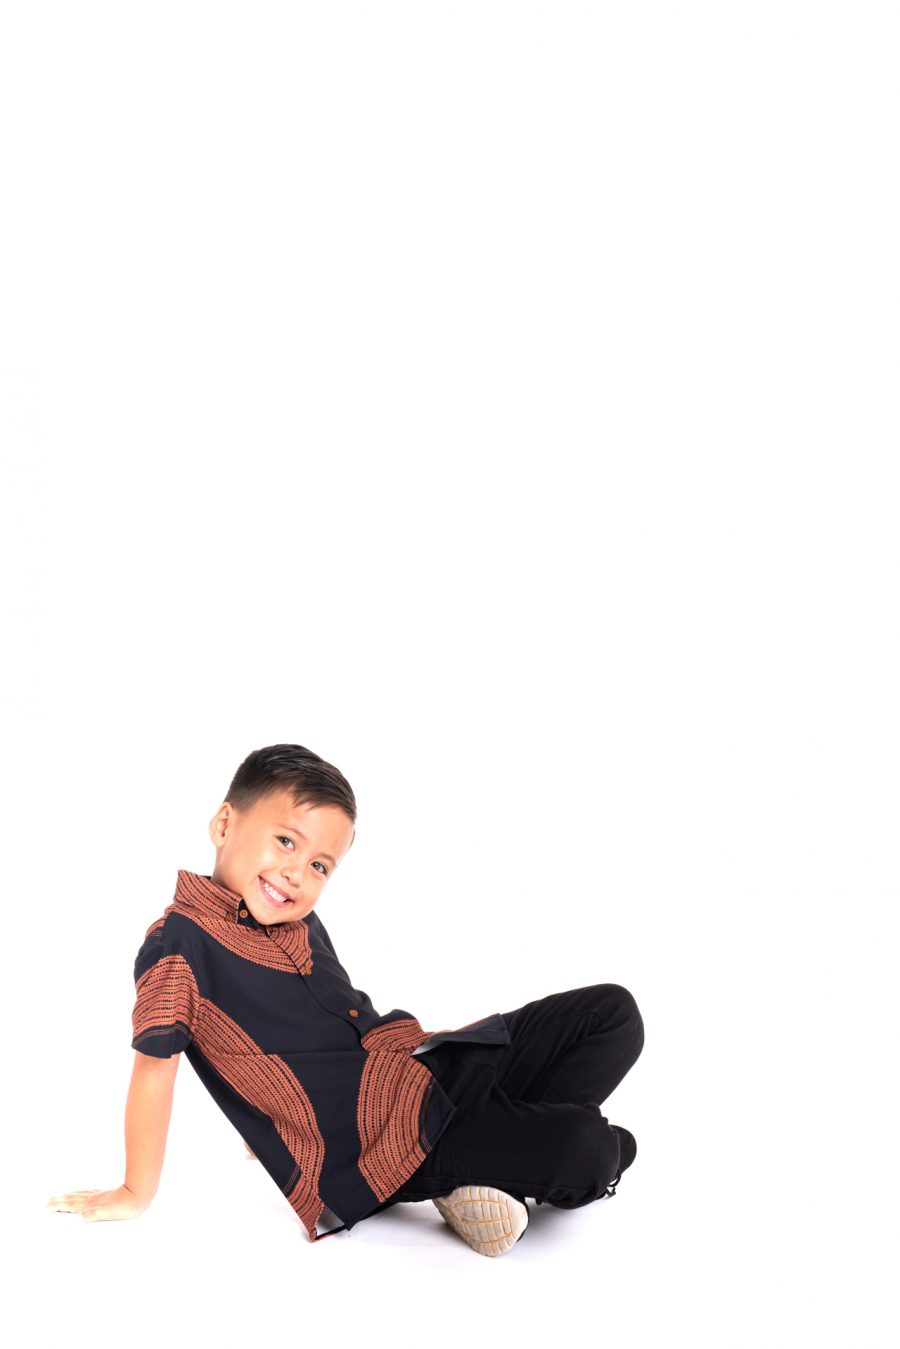 Boy wearing Keiki Mahalo Shirt in Poai - Side View